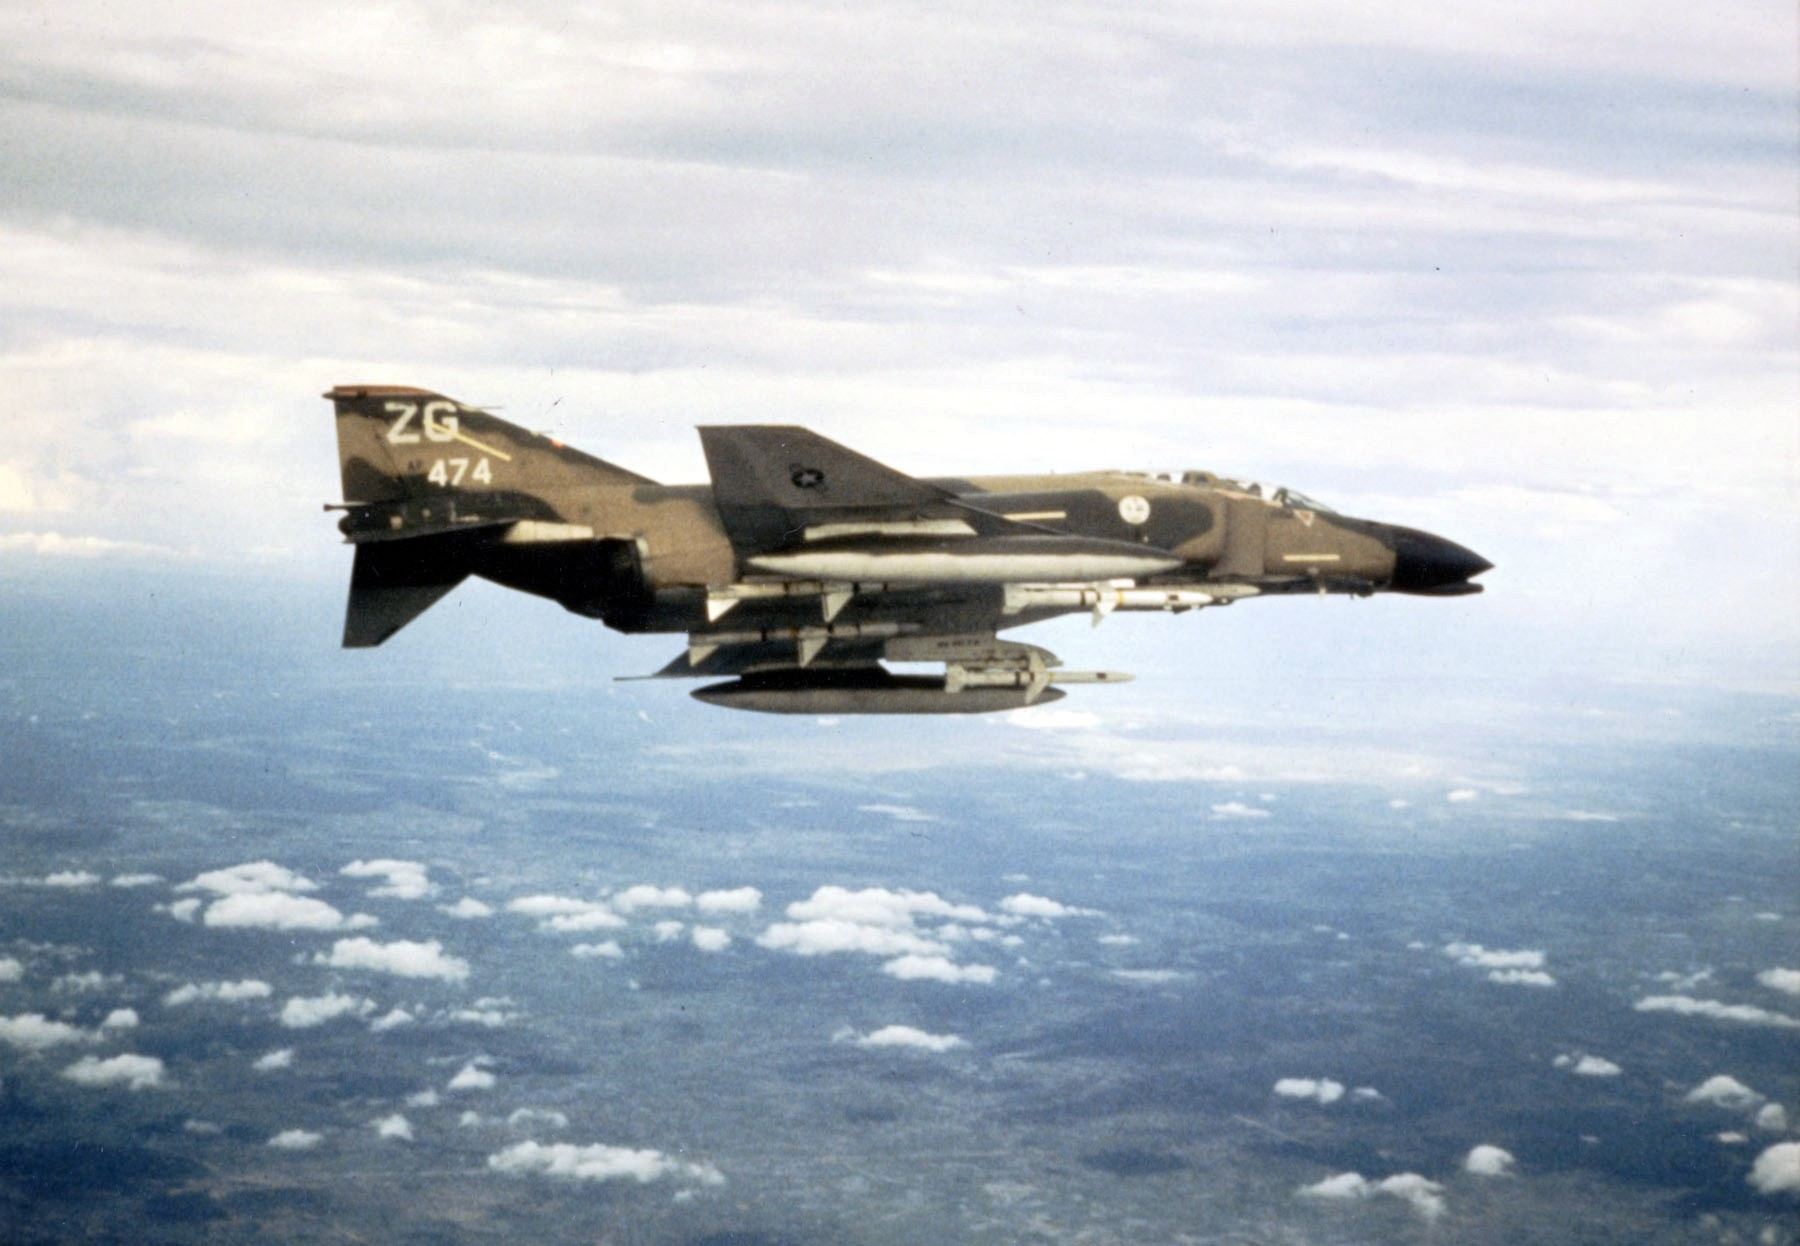 Risultato immagini per F-4 vietnam